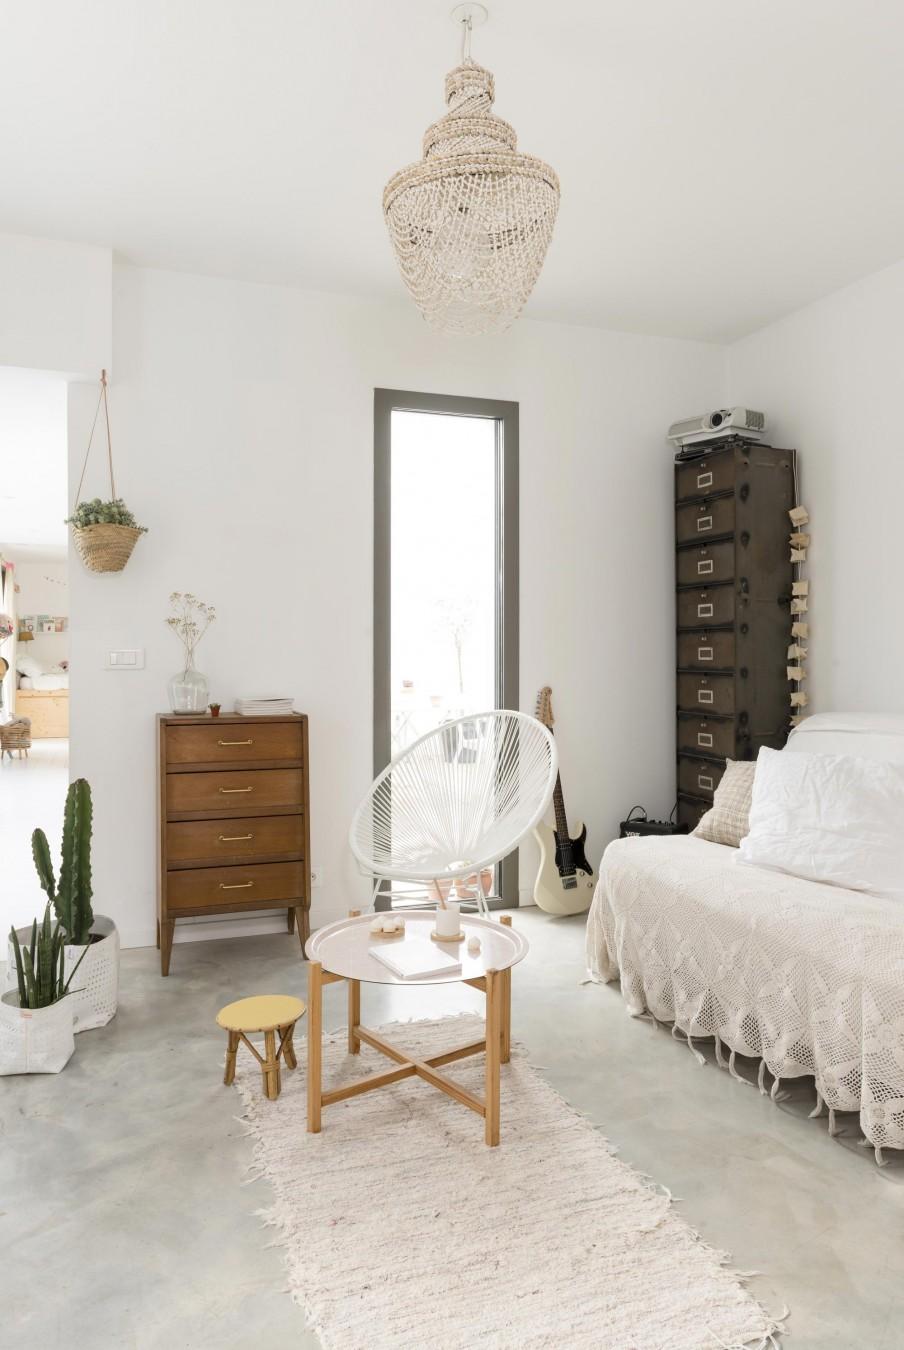 maison_biarritz_mariekke6